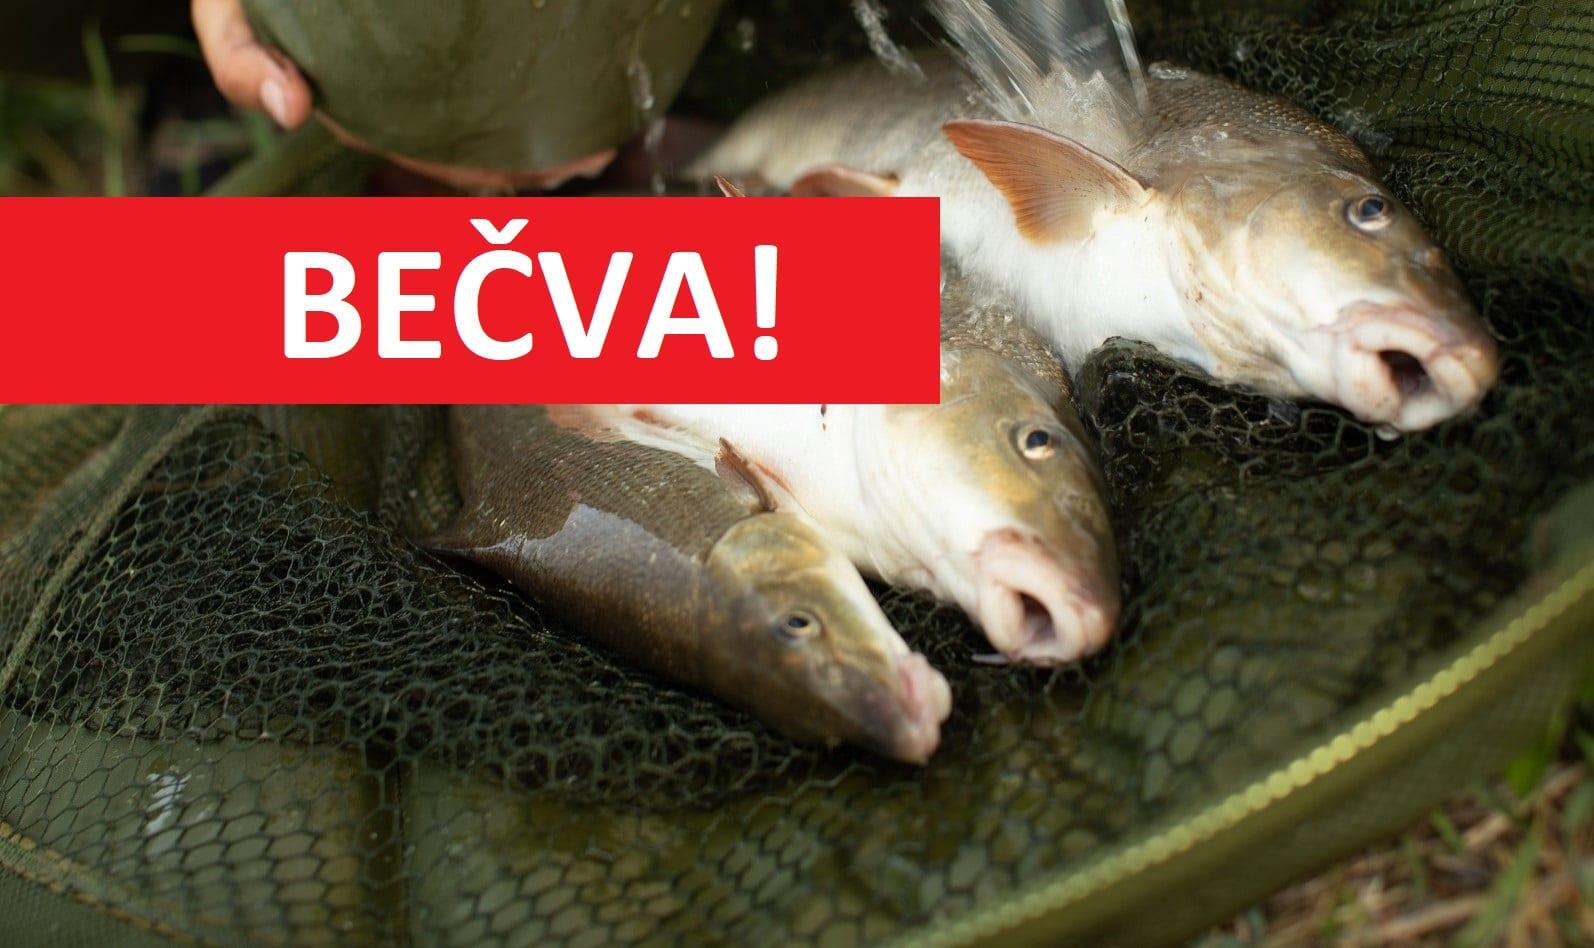 Rybáři obdrželi přes 1,6 milionů korun na Bečvu! Co za tyto peníze nakoupili?